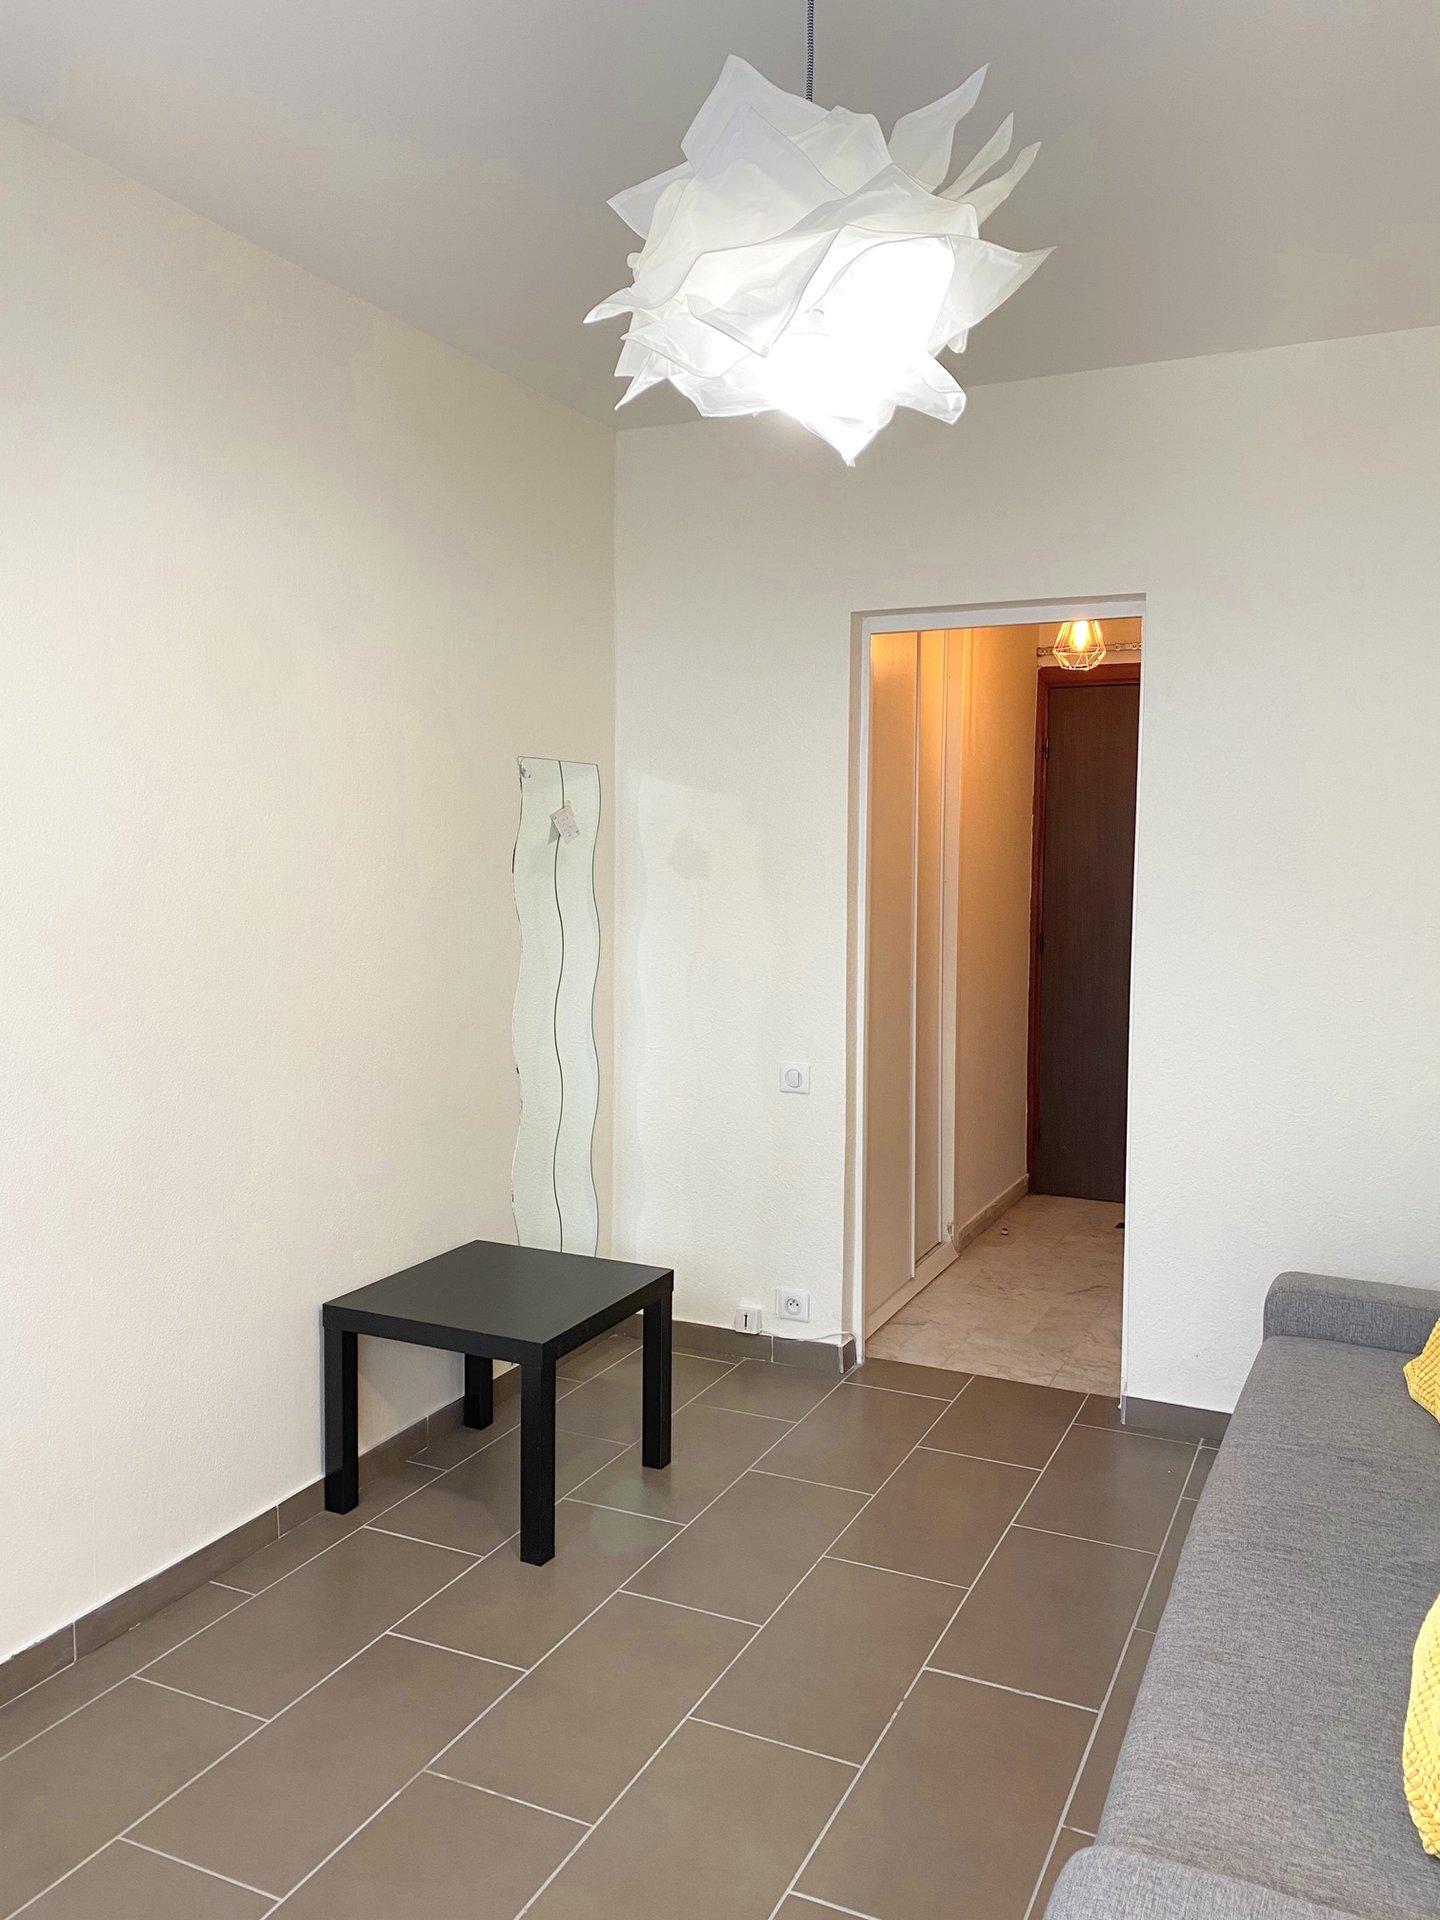 Location Appartement, Surface de 19.26 m², 1 pièce, Lyon 3ème (69003)